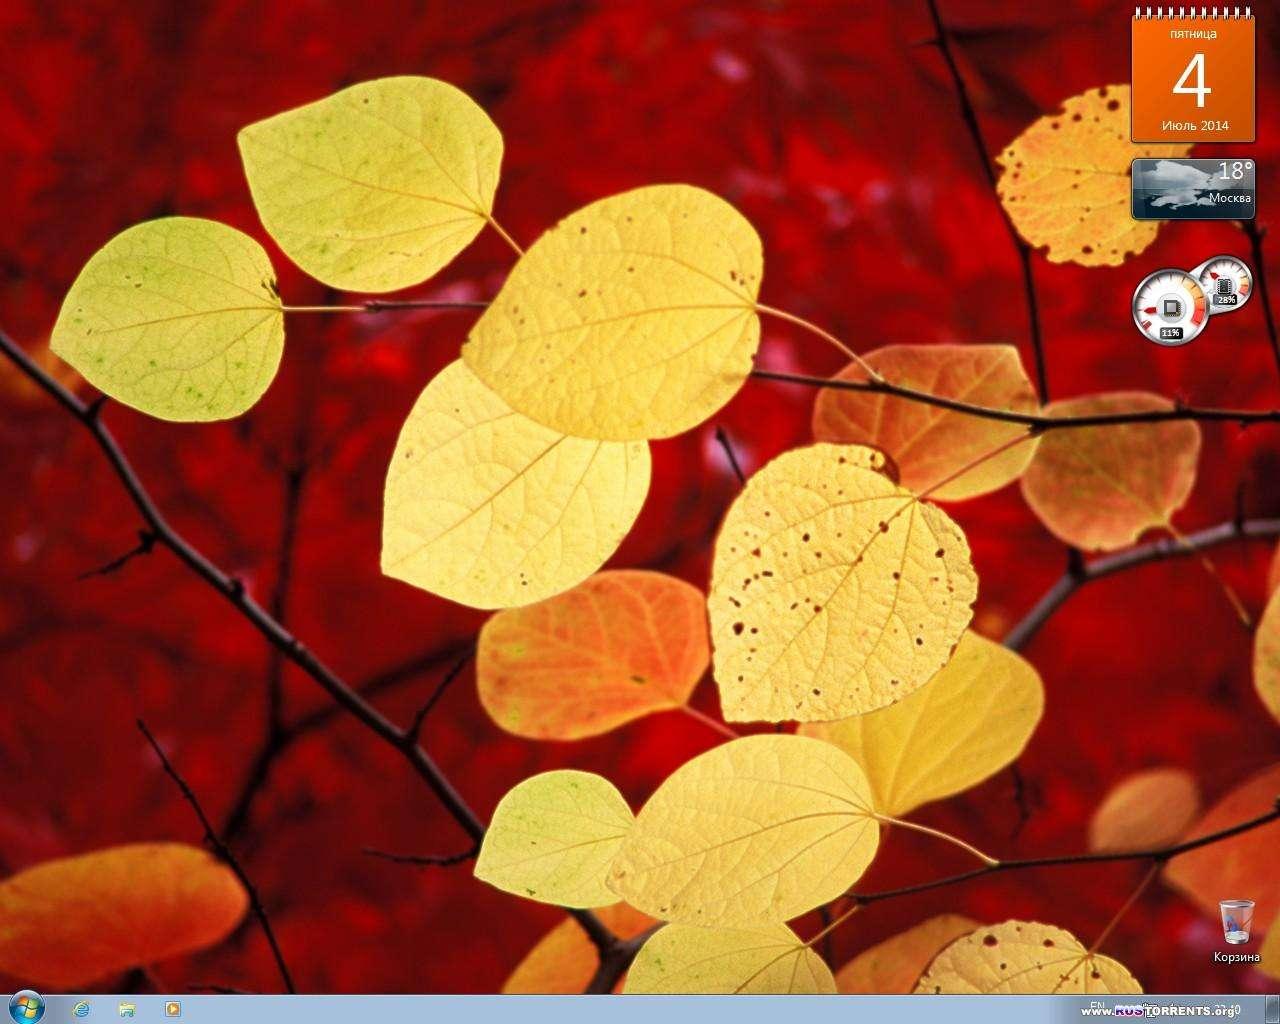 Windows 7 SP1 (x86/x64) + Office 2013 SP1 AIO 26in1 by SmokieBlahBlah 20.06.2014 RUS | PC